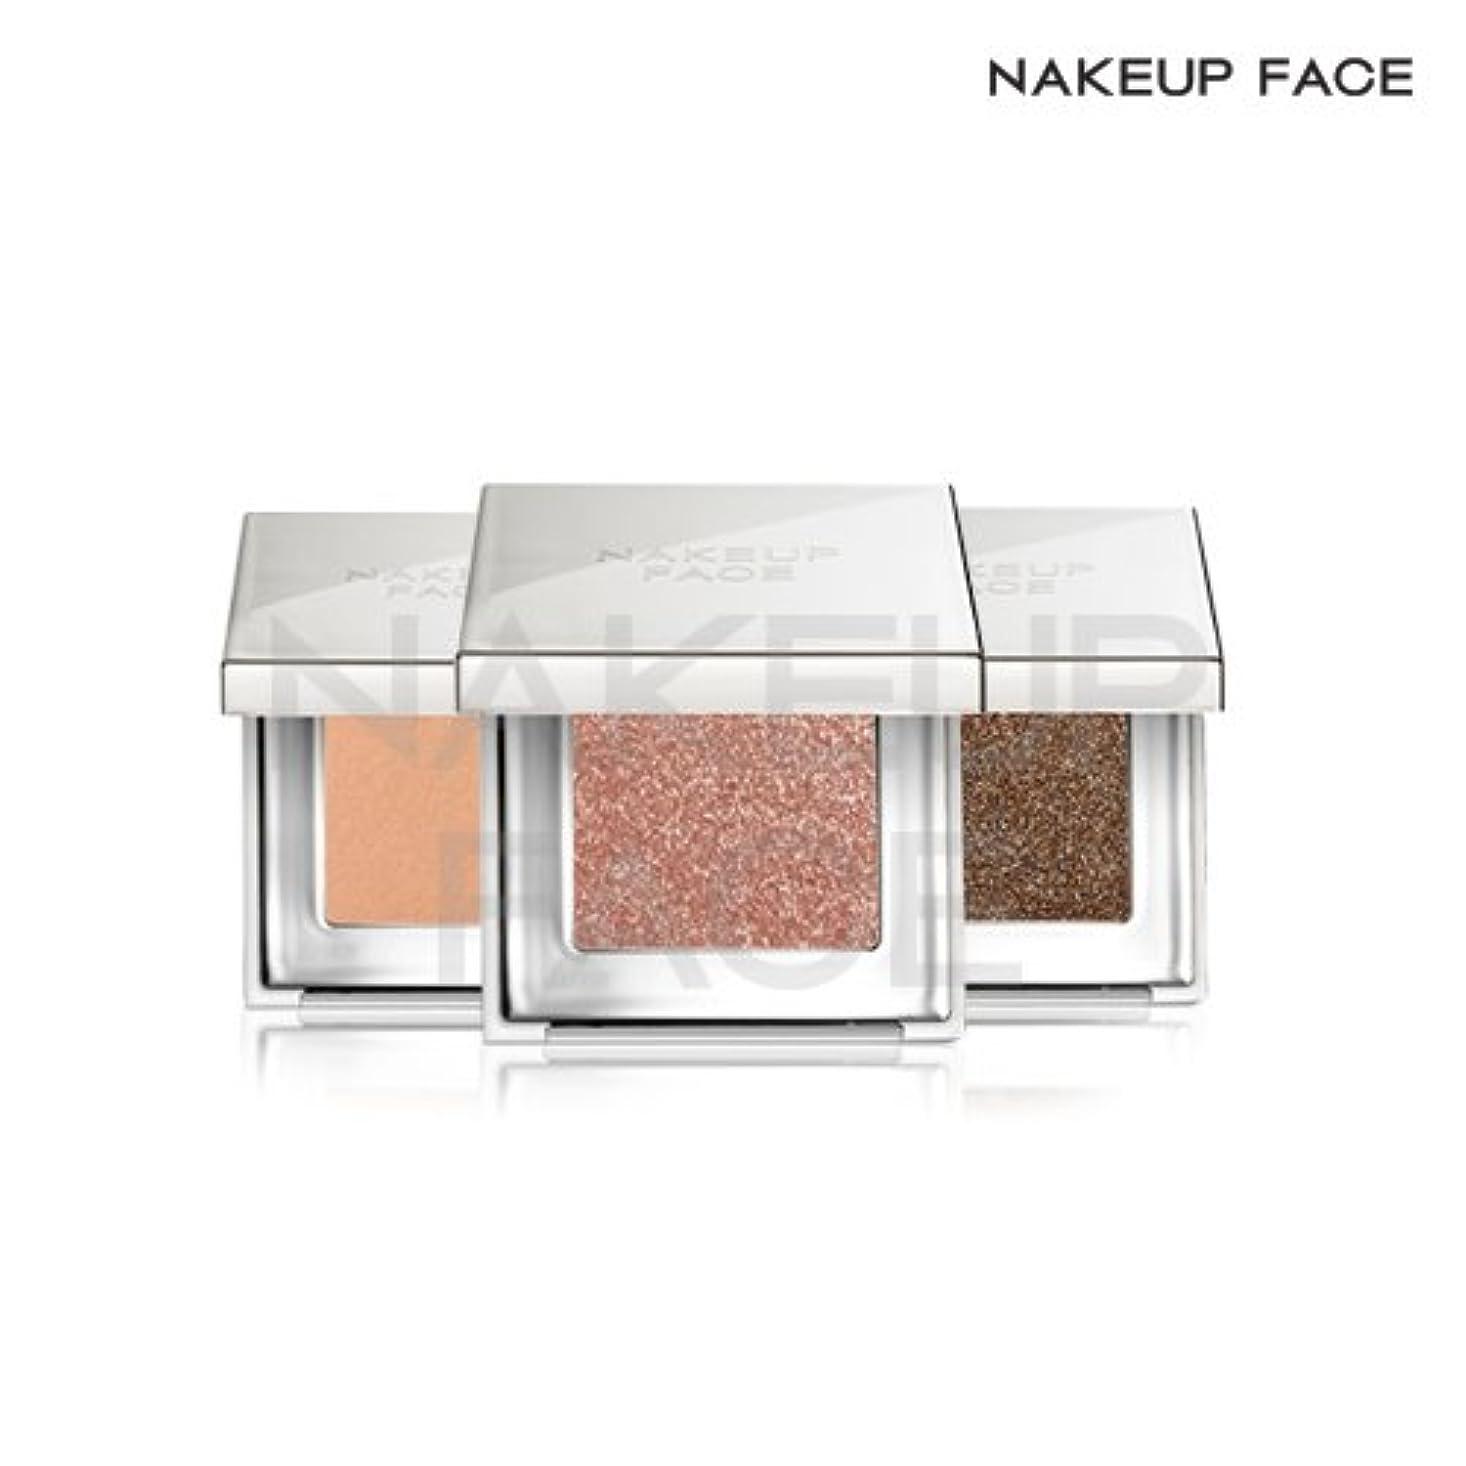 クッション言うまでもなくモーションネイクアップ フェイス [NAKE UP FACE] ネイキッド アイシャドウ Naked Eye Shadow (No.01 Whipping Cream) [並行輸入品]